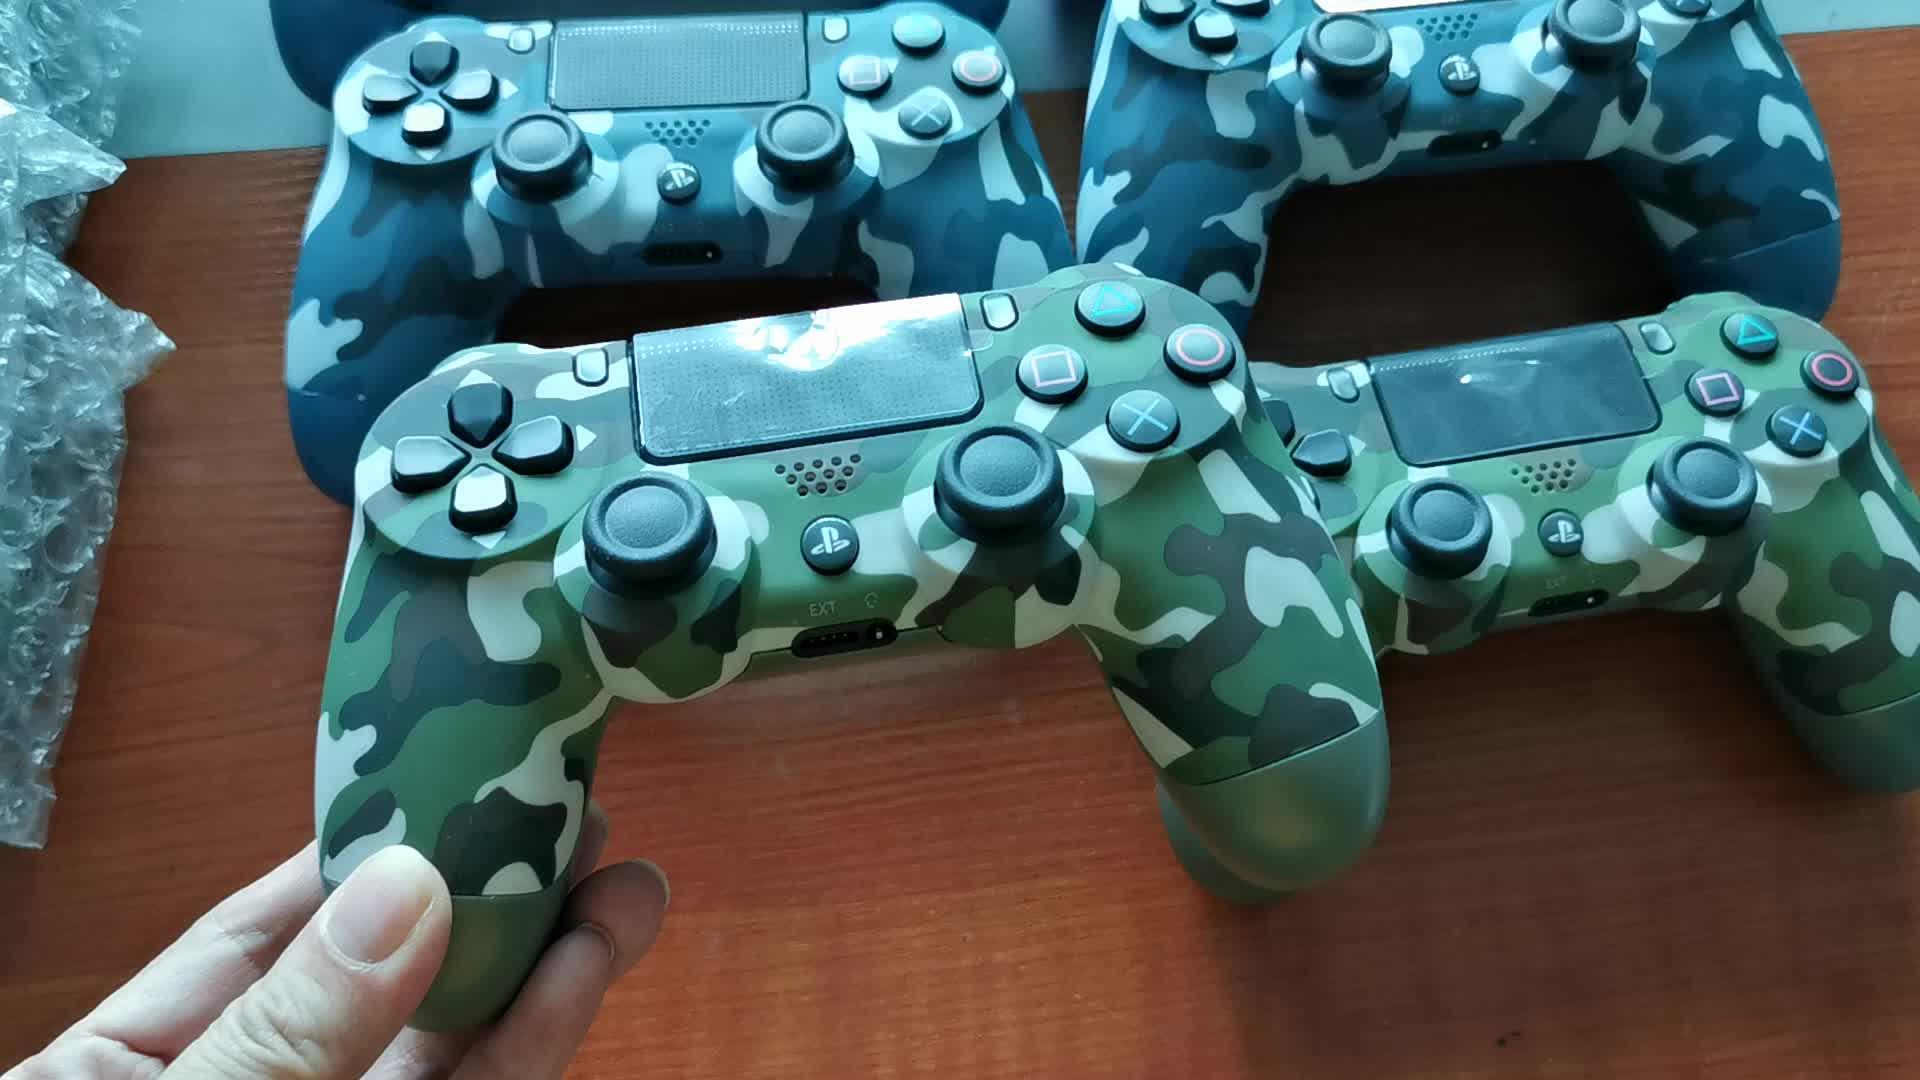 Mejor regalo de Navidad como Original 18 colores para Playstation 4 controlador inalámbrico